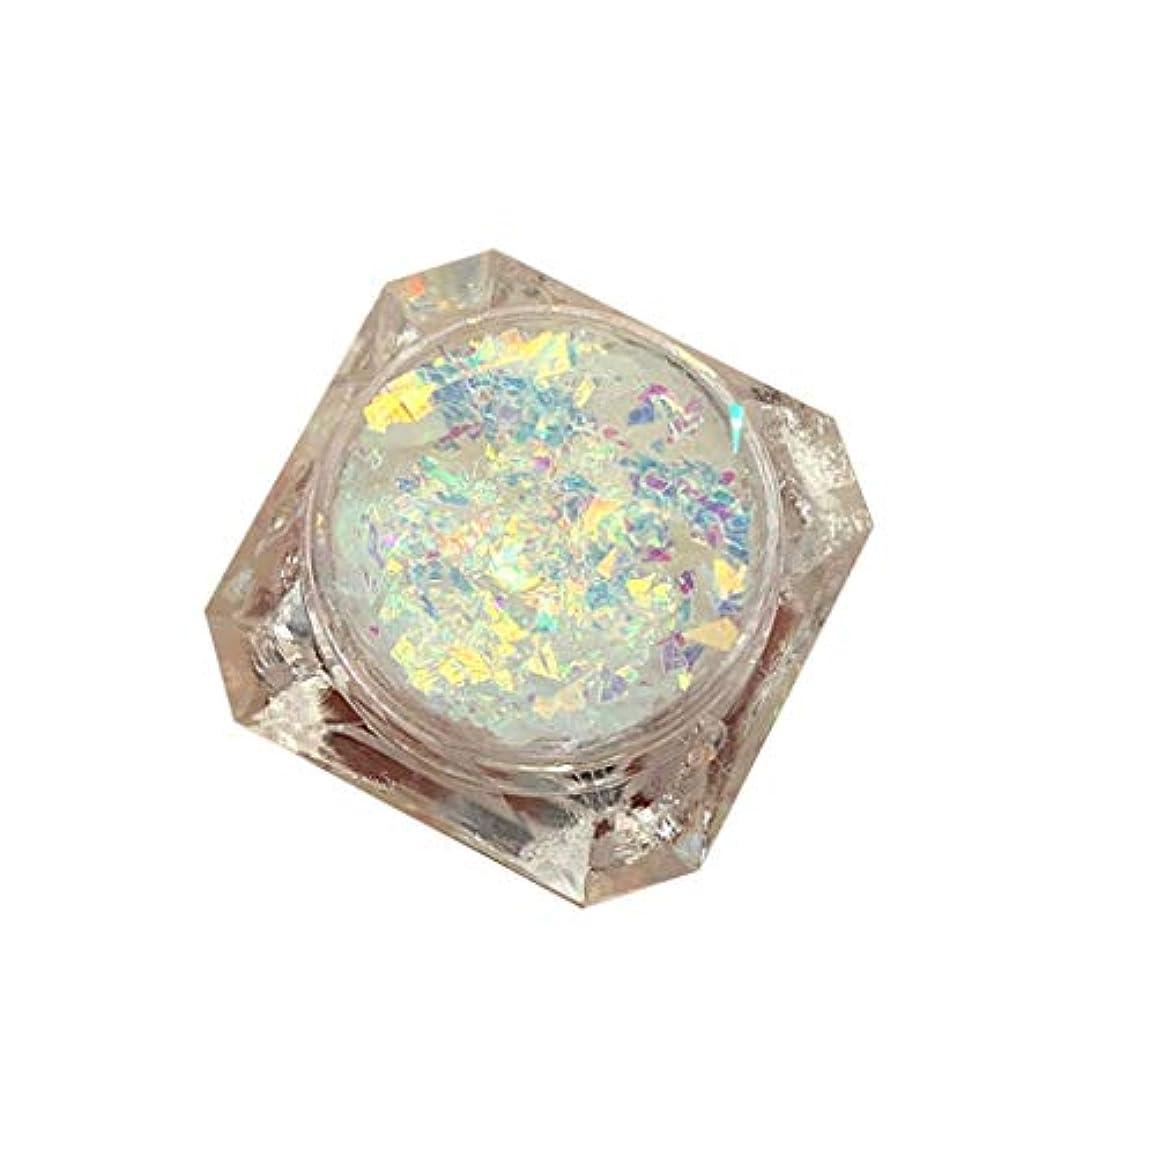 多くの危険がある状況マイルド元気GOOD lask 接着剤フリーのスパンコール混合ゲルジェルクリーム真珠光沢のある高光沢グリッターグリッターアイパウダールースパウダージェルシャドウセット (N)